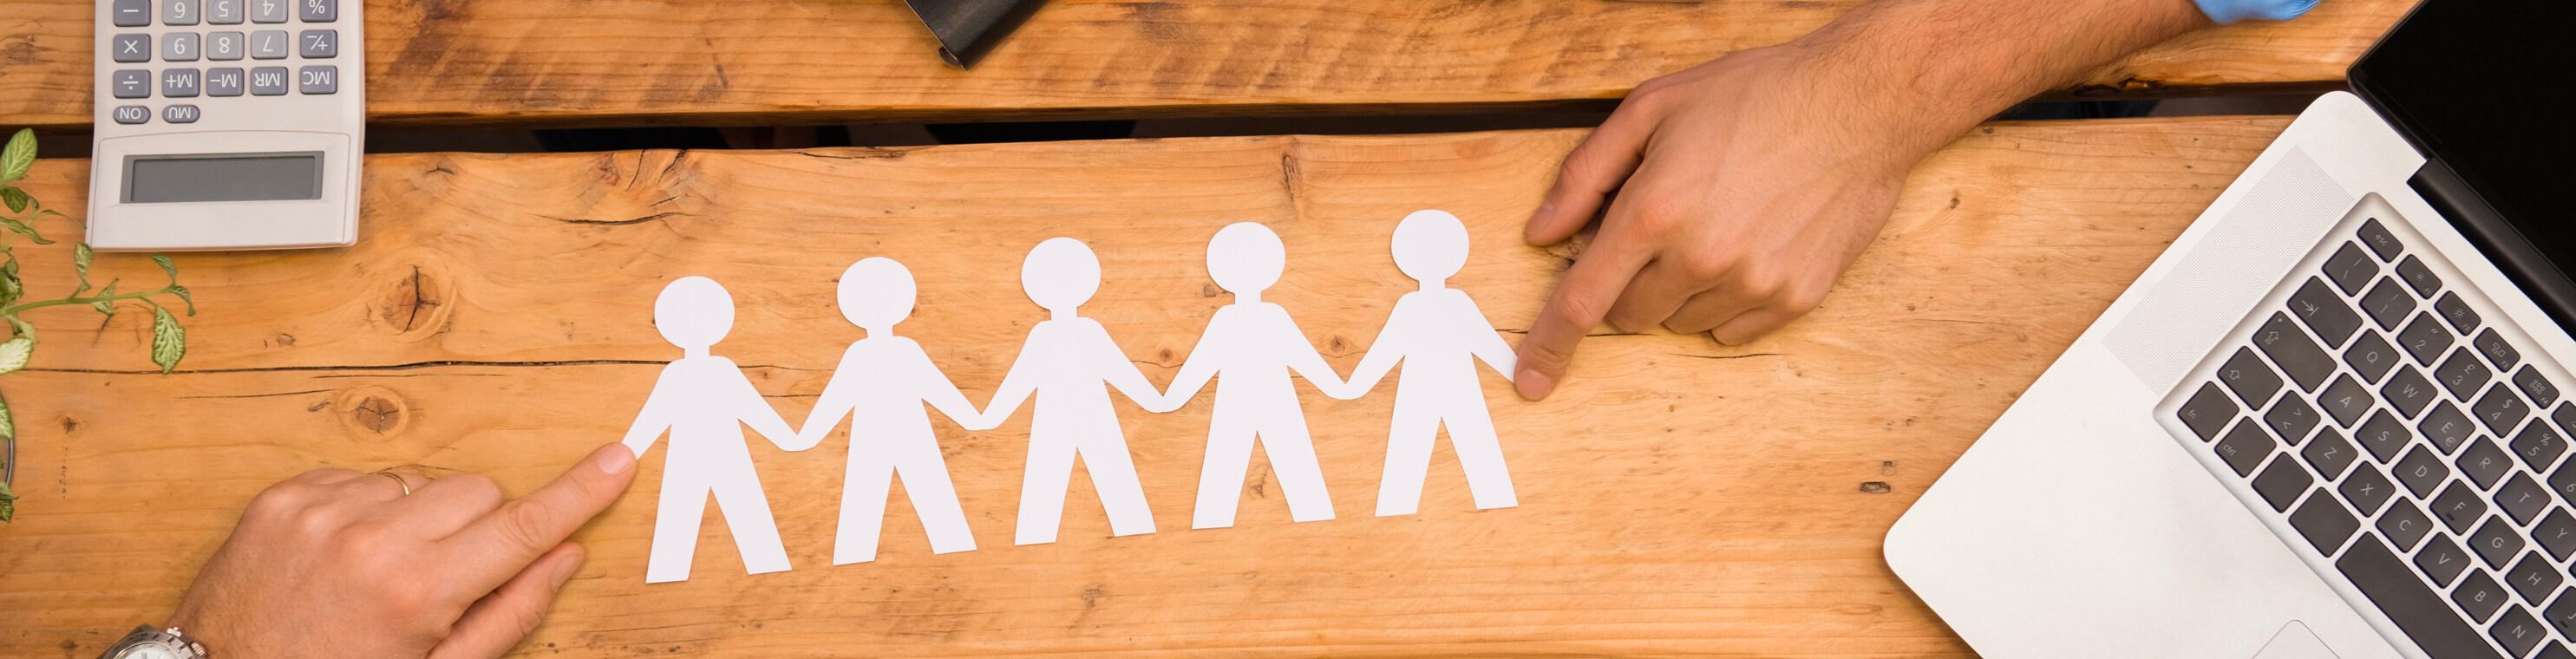 ViaExperts propose une assistance à la mesure des besoins et adaptée à la taille de l'association. Image d'illustration.